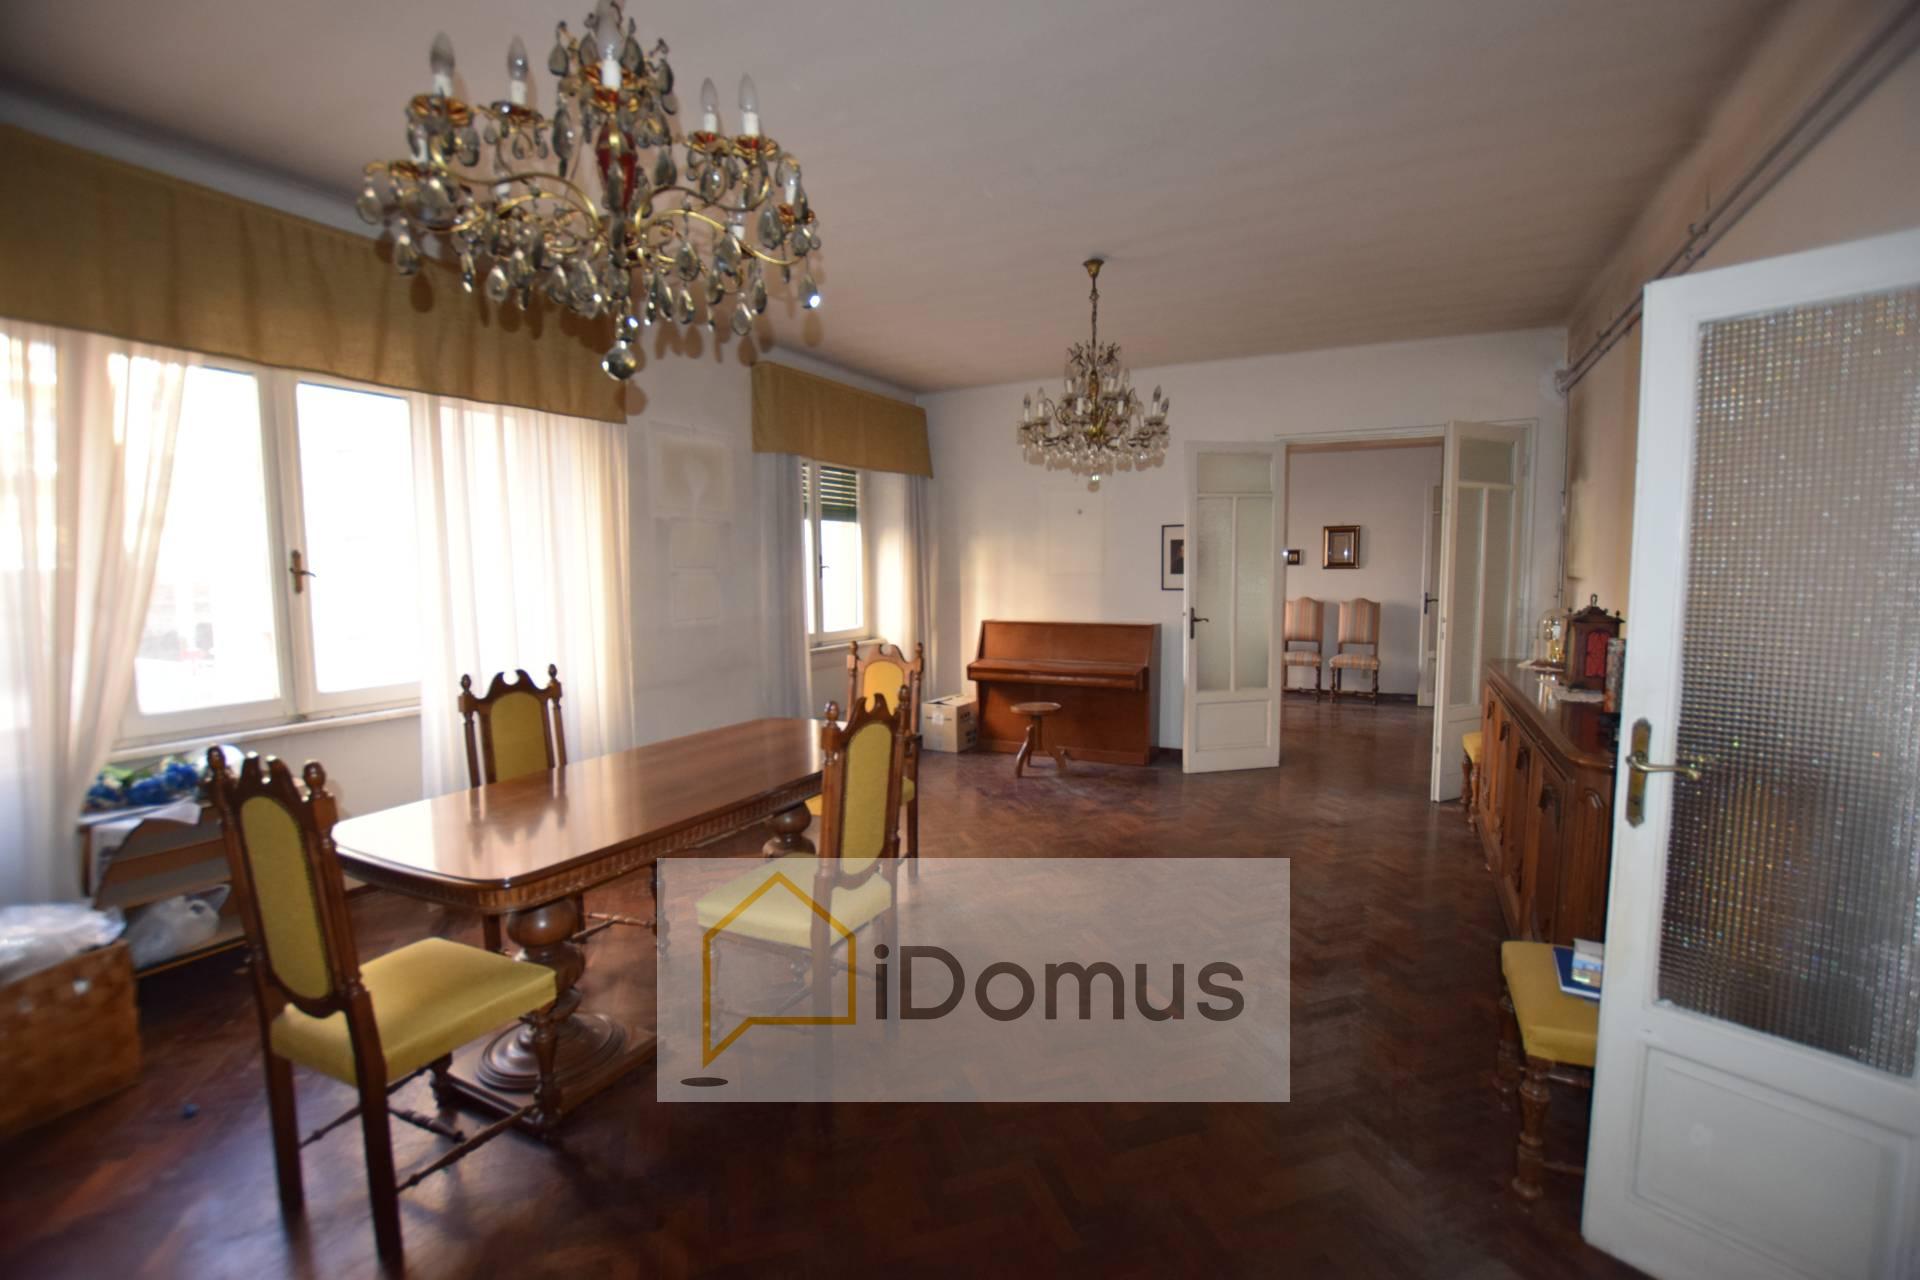 pisa vendita quart: stazione idomus-servizi-immobiliari-s.r.l.